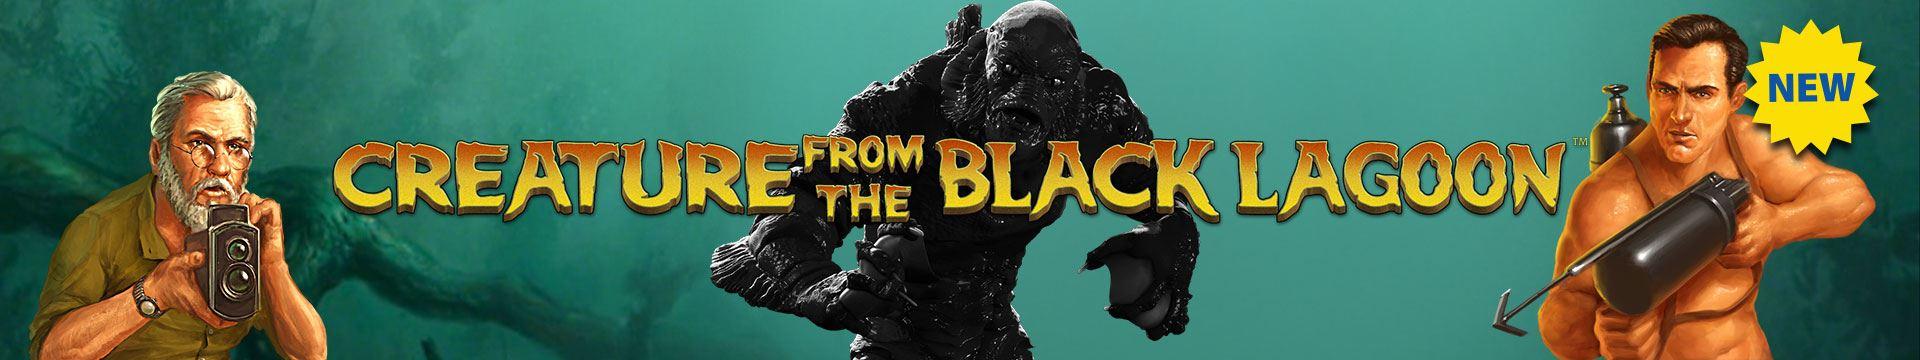 Black_Lagoon